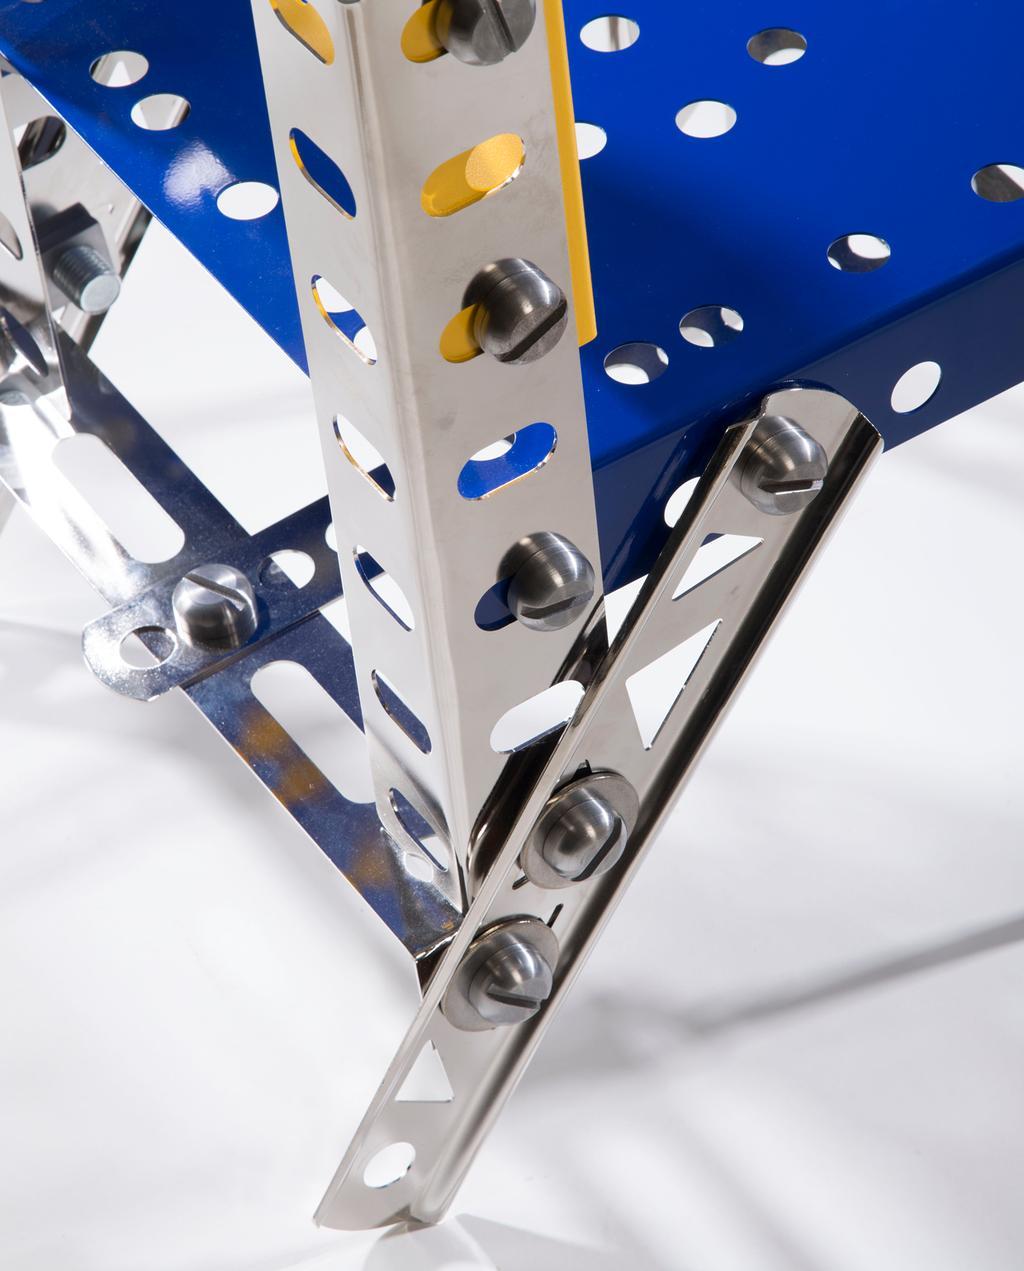 vtwonen blog | blog StudentDesign design voor op je verlanglijstje Max Simon stoel bouwpakket close-up